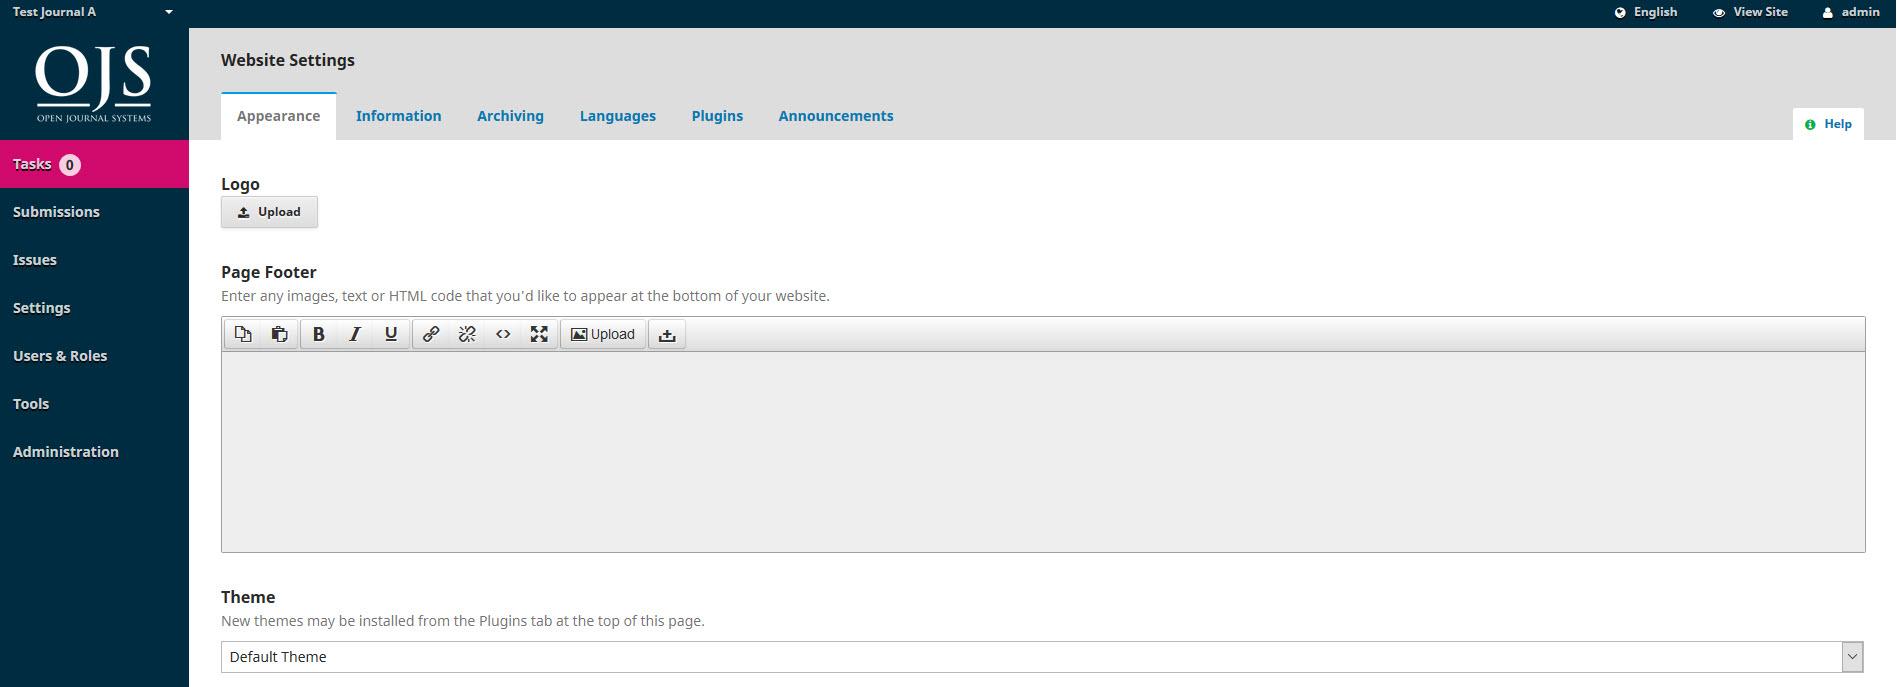 ojs3-website-settings-appearance